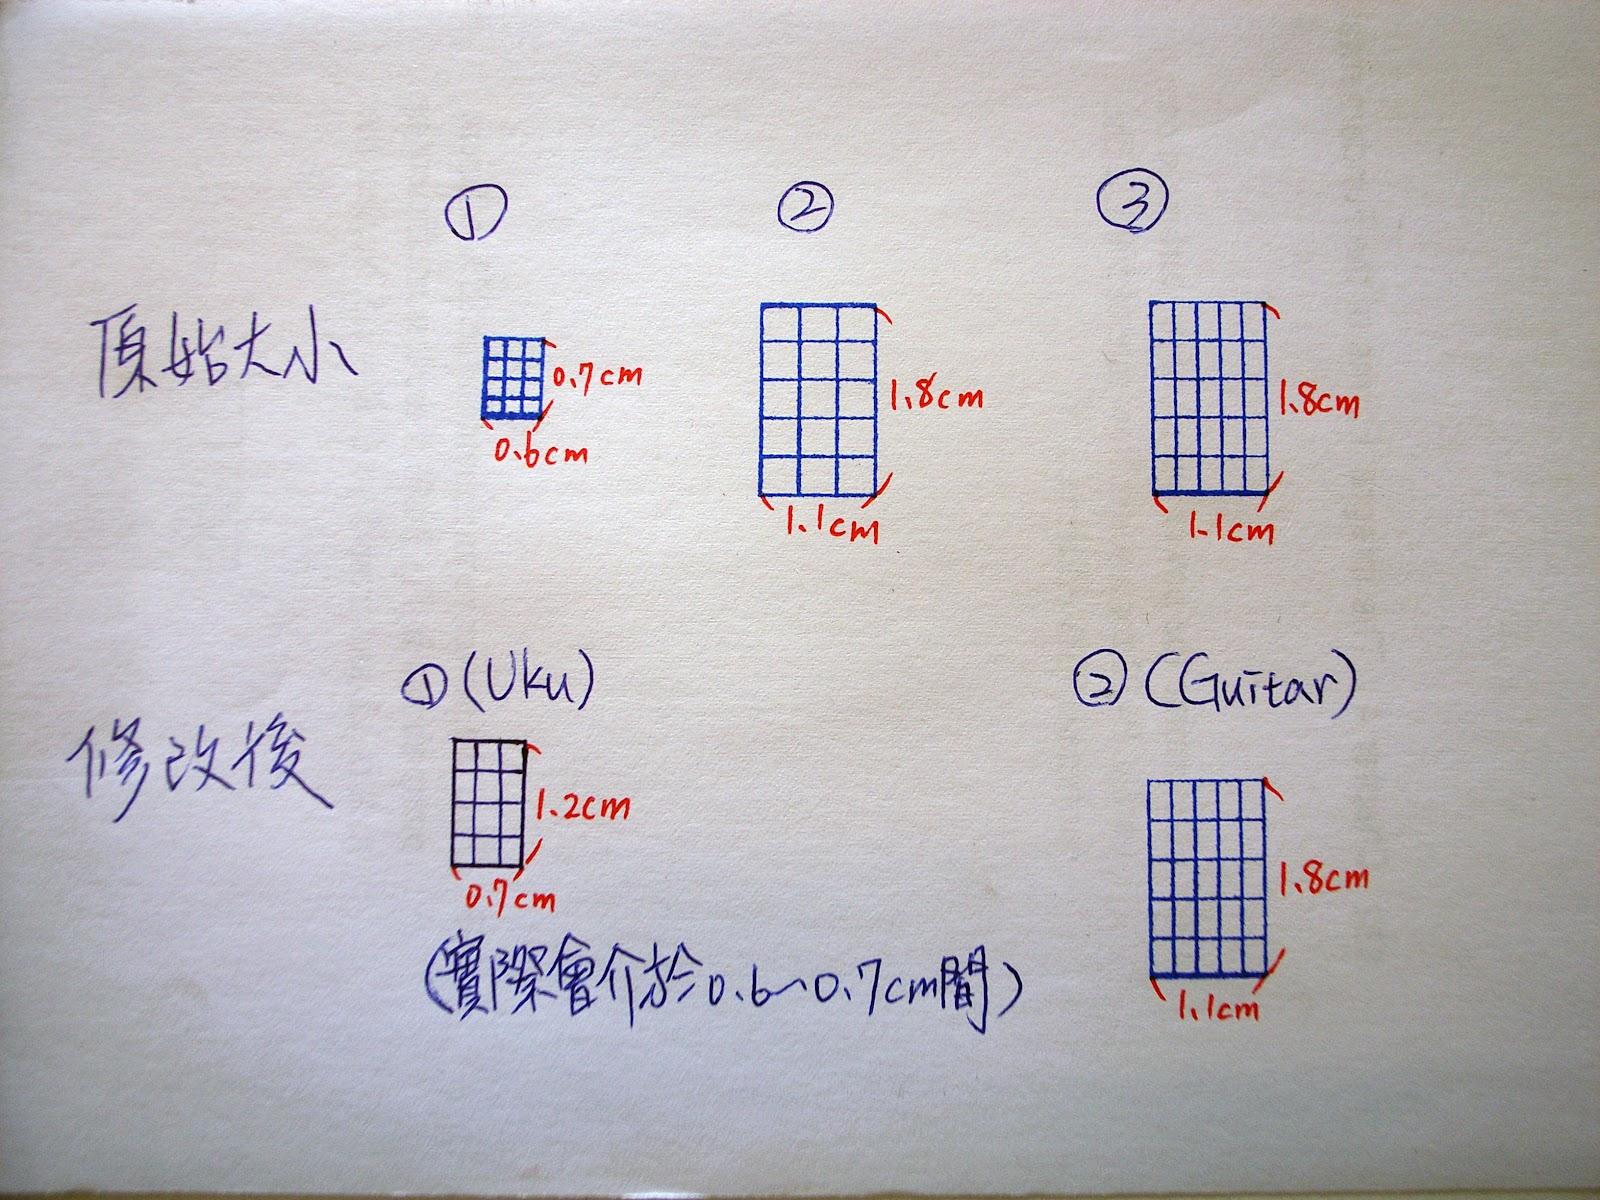 KUPC 高雄烏克麗麗玩樂團: 烏克麗麗/吉他用的和弦印章